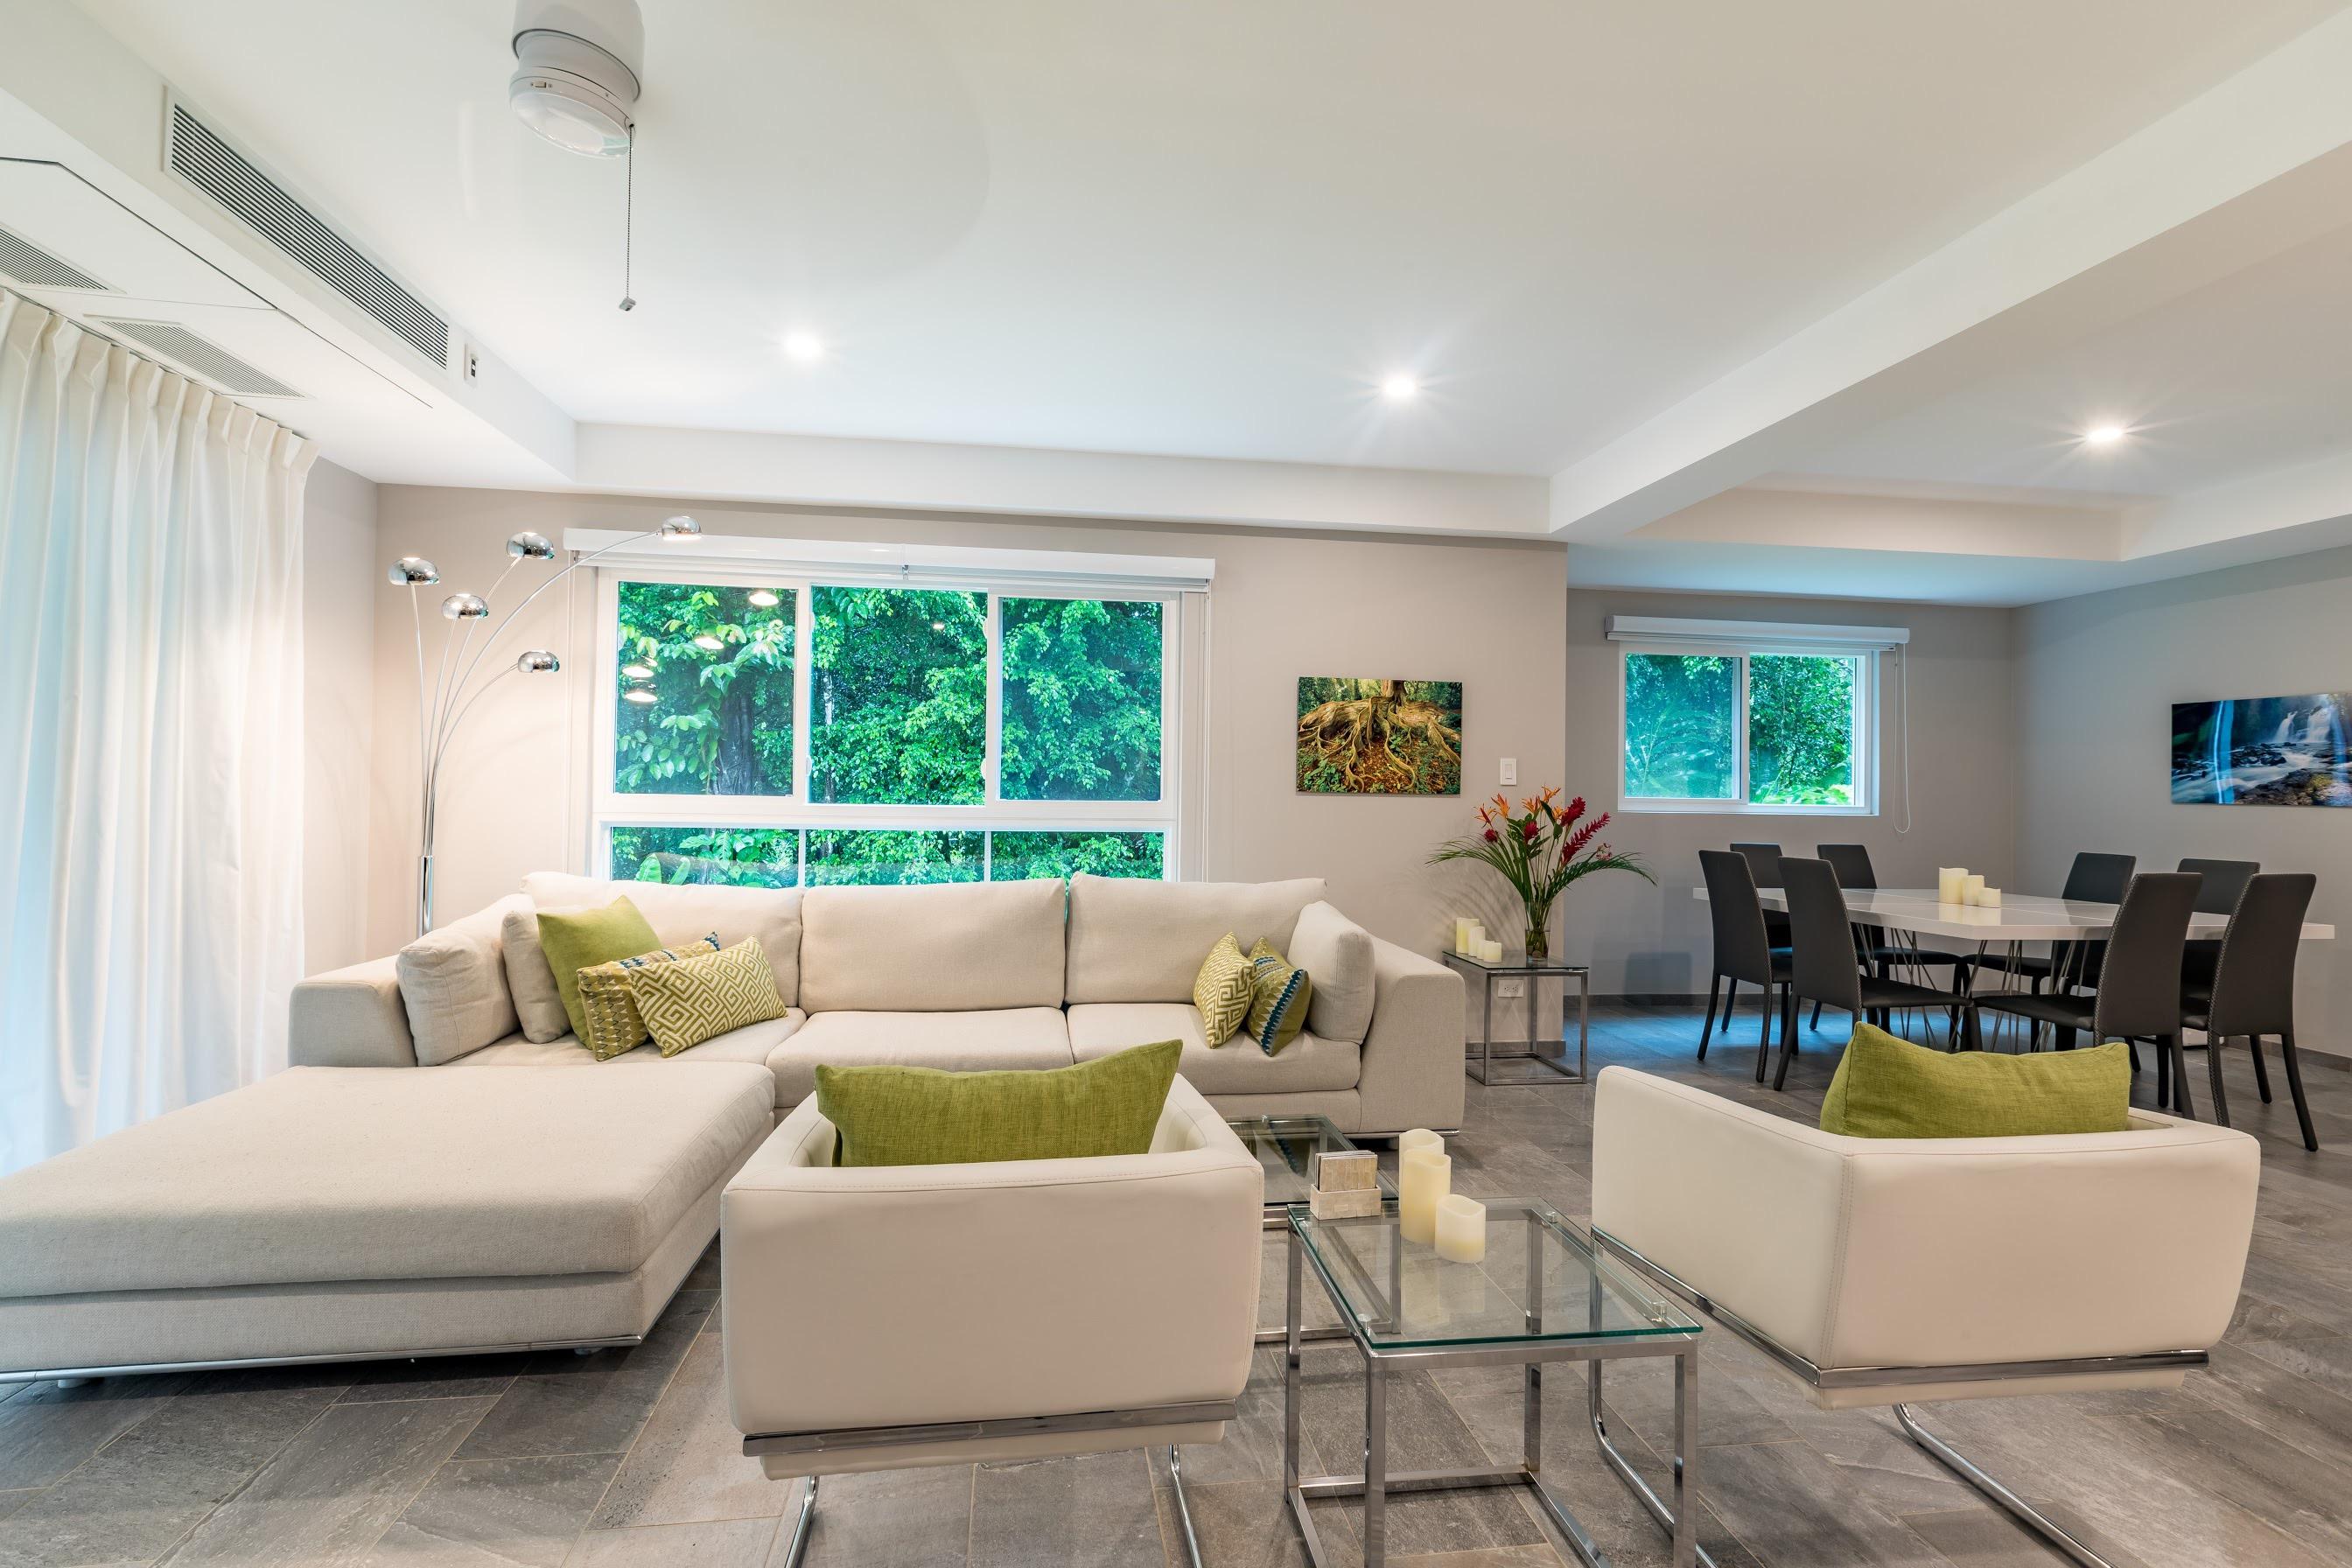 apartment livingroom elan uvita costa rica